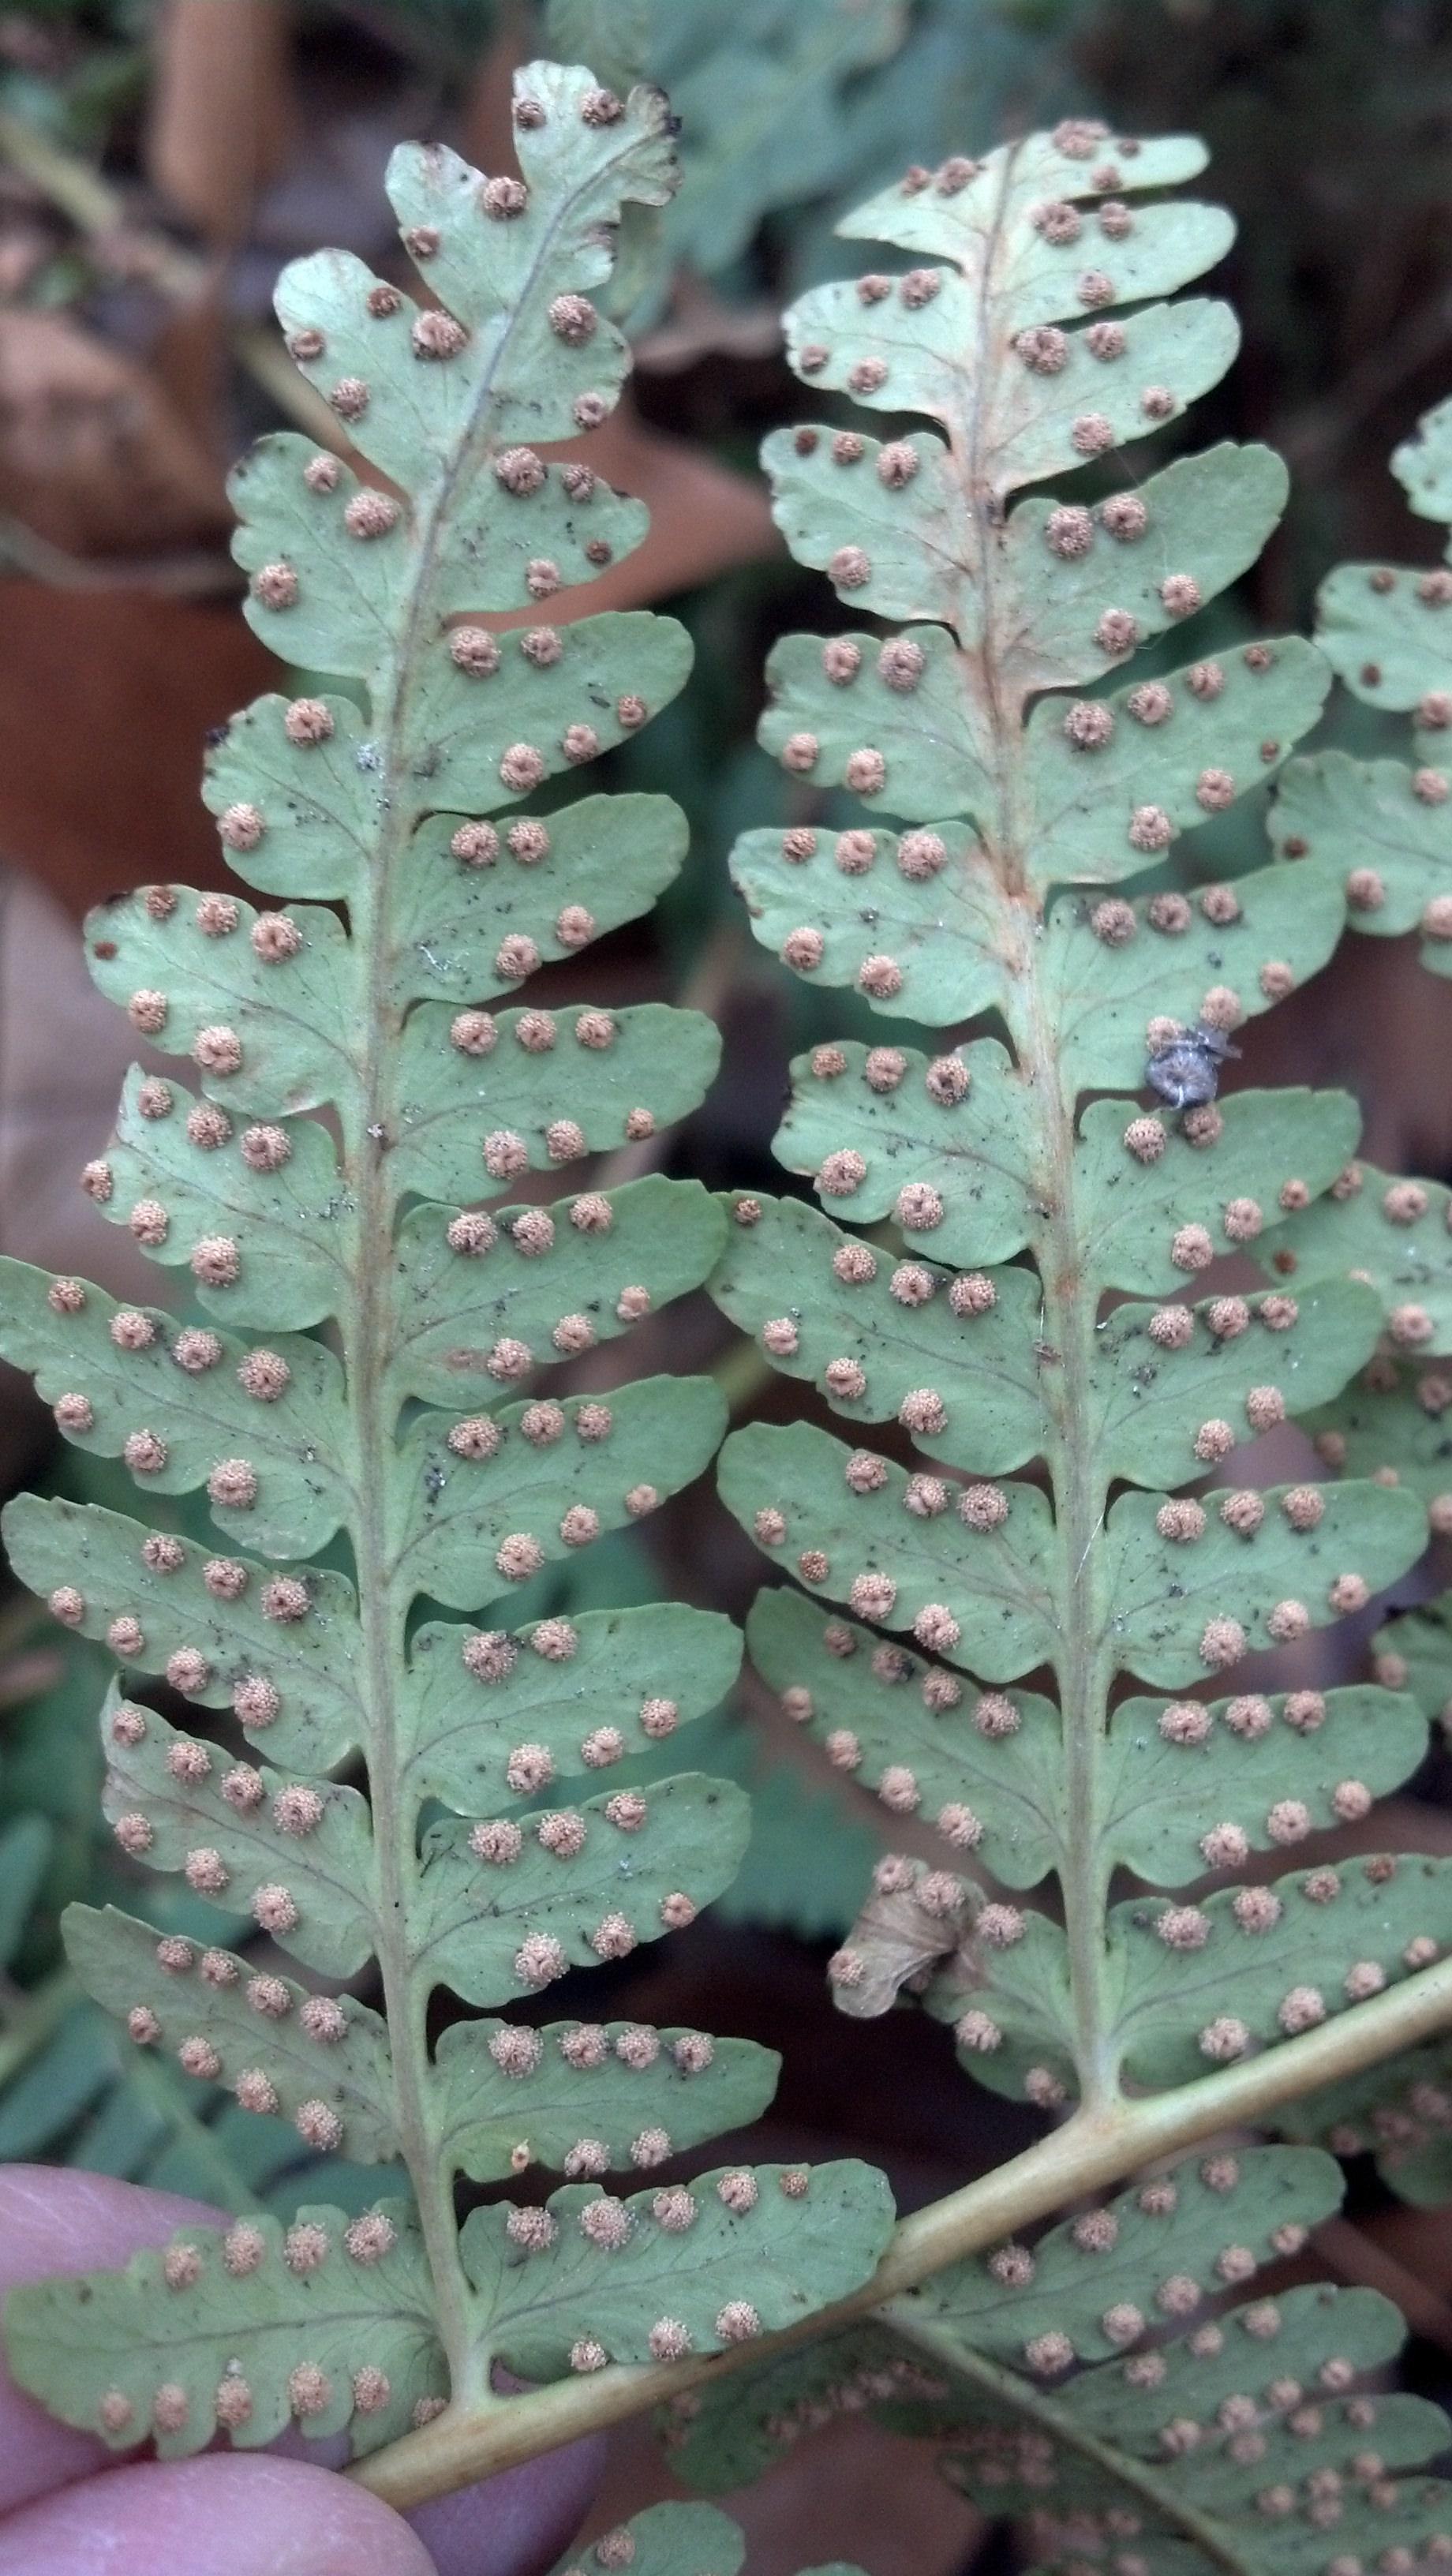 Dryopteris marginalis Dryopteridaceae, marginal wood fern